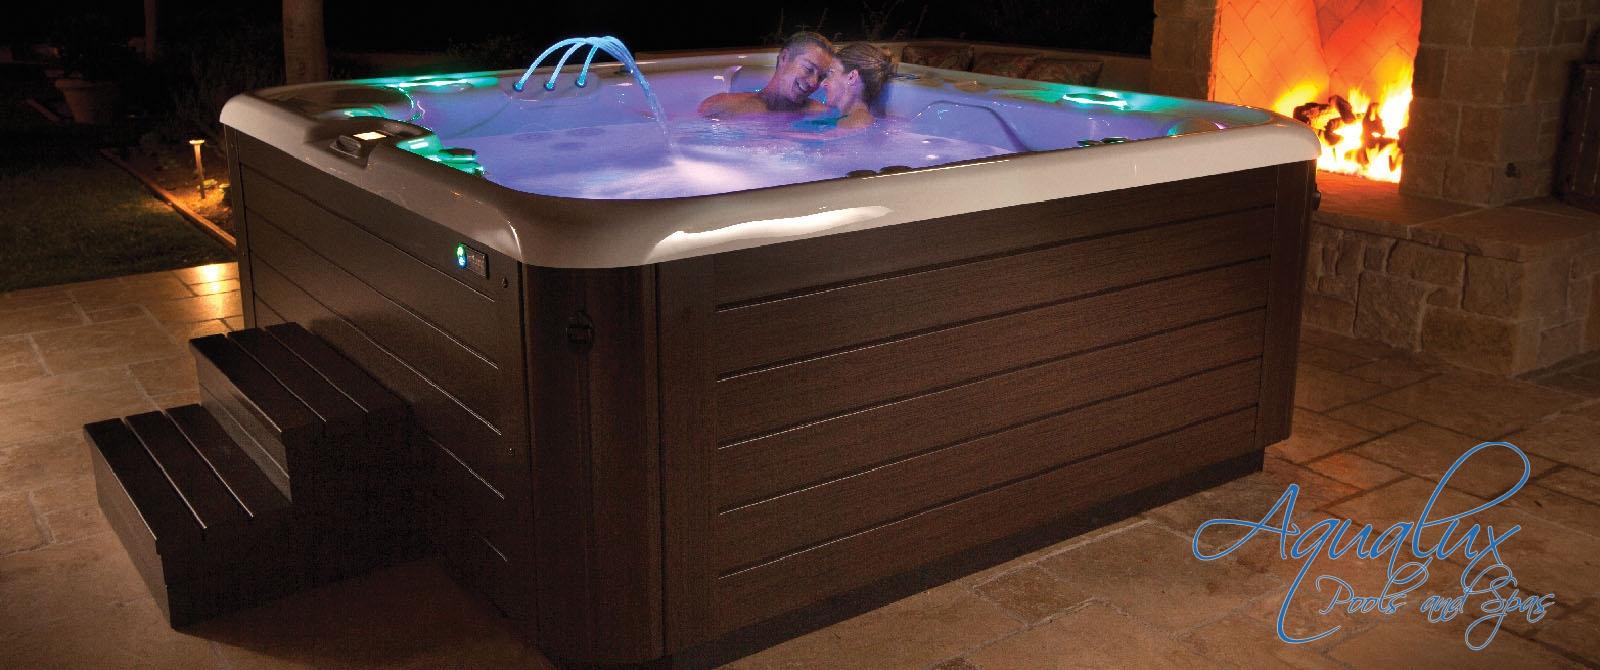 Hot tubs, Spas Fuerteventura